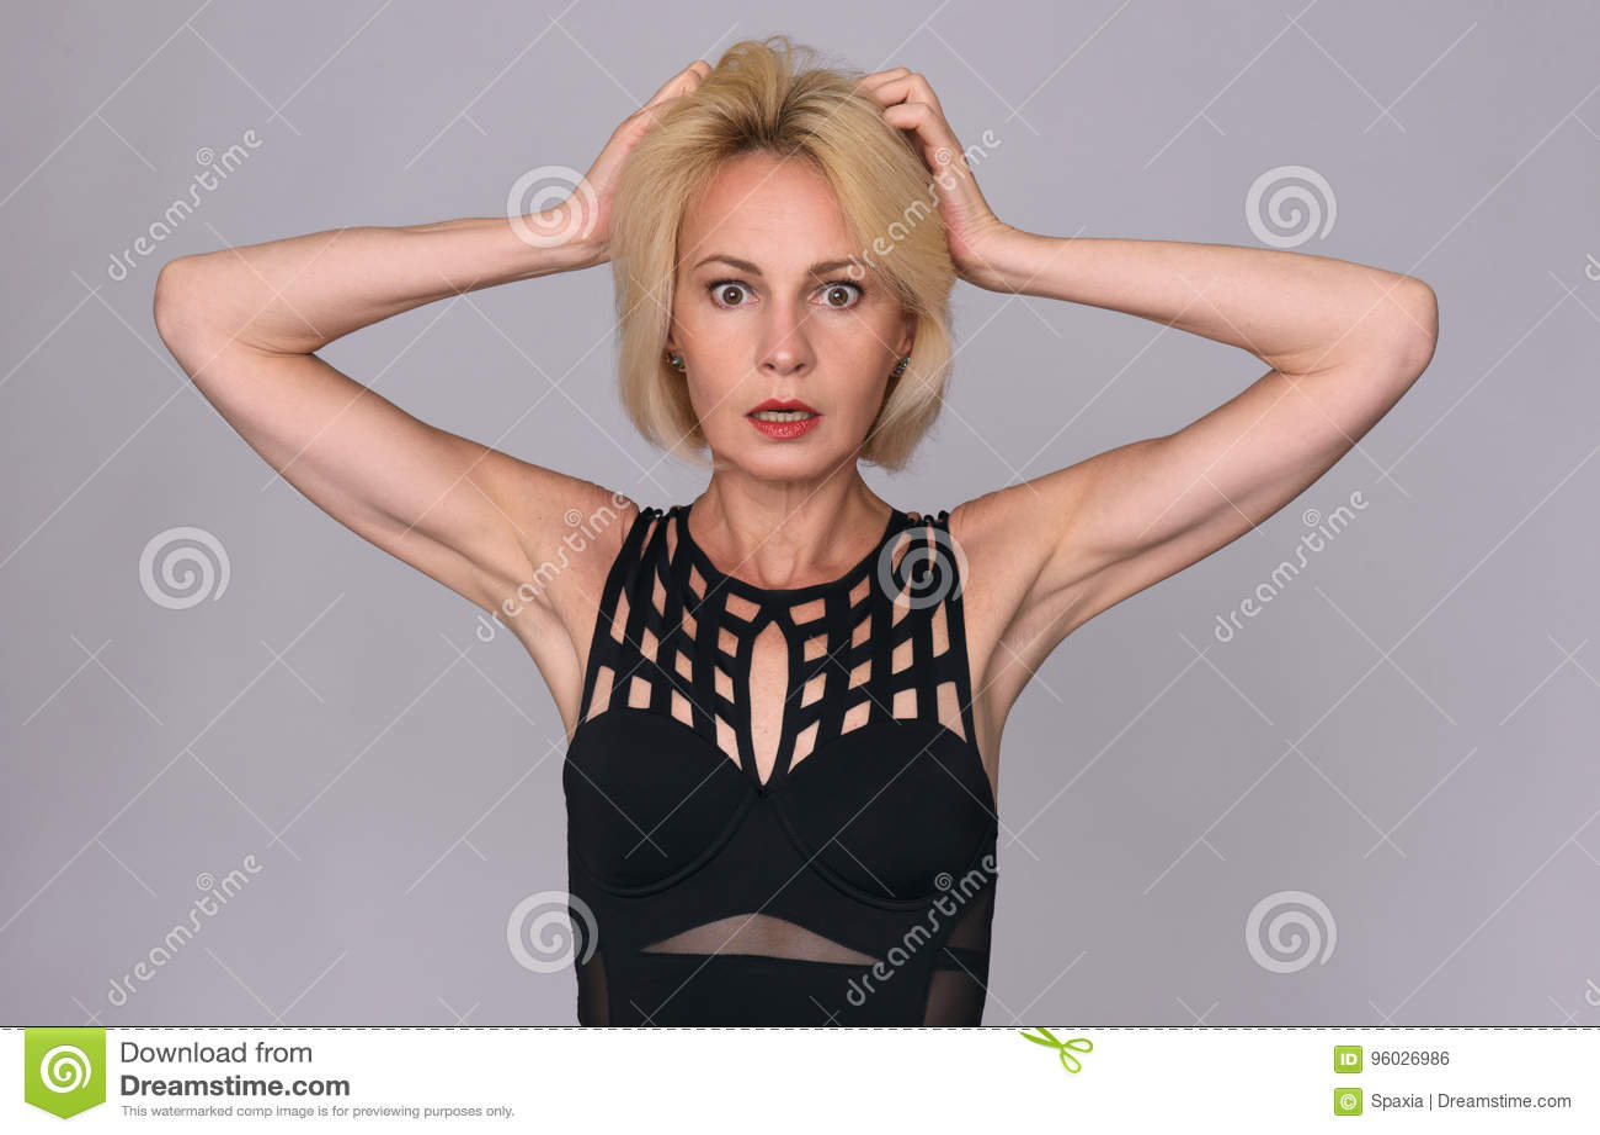 Starzenie się środek szokująca kobieta